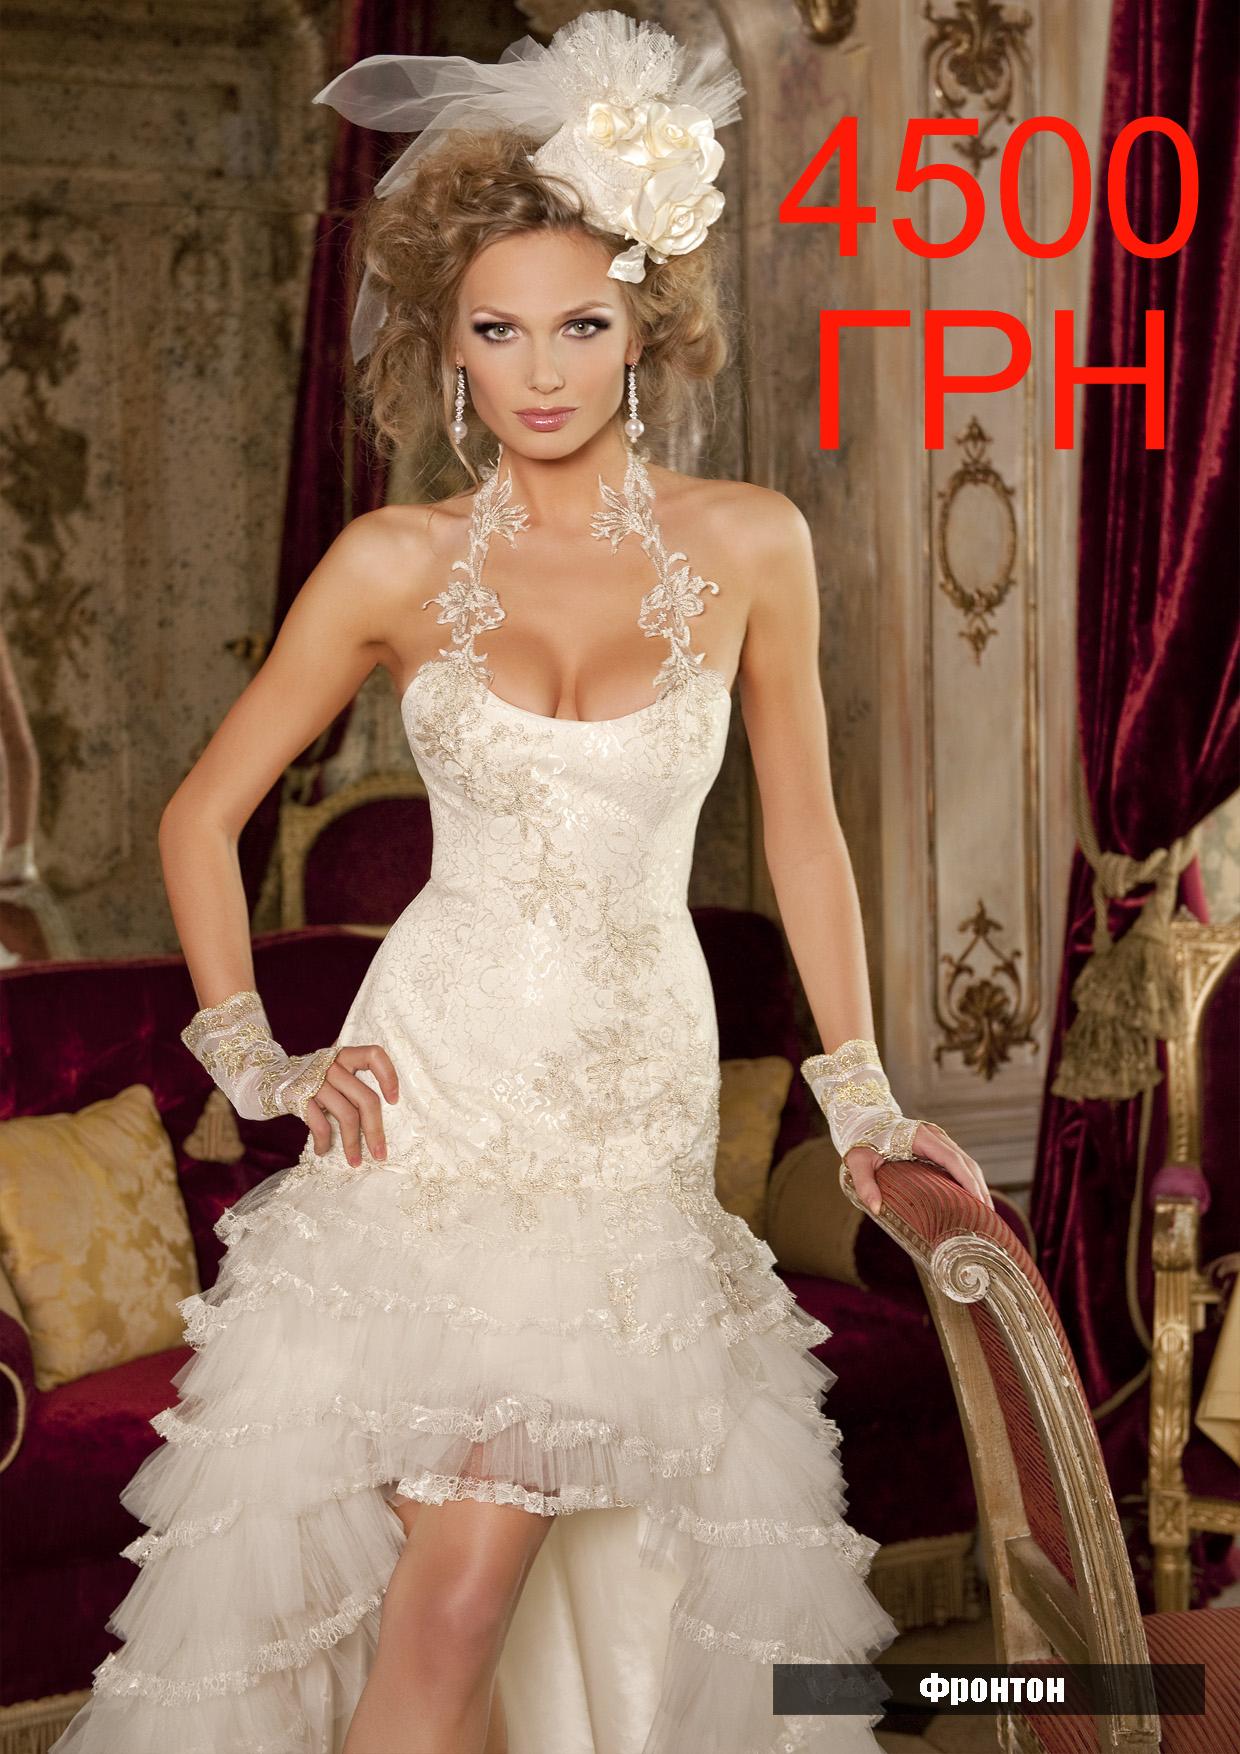 sale23 / 986.65 KB / Рейтинг фото: 110 / полный размер. Обсуждения в сети. Продам новое свадебное платье в готическом стиле